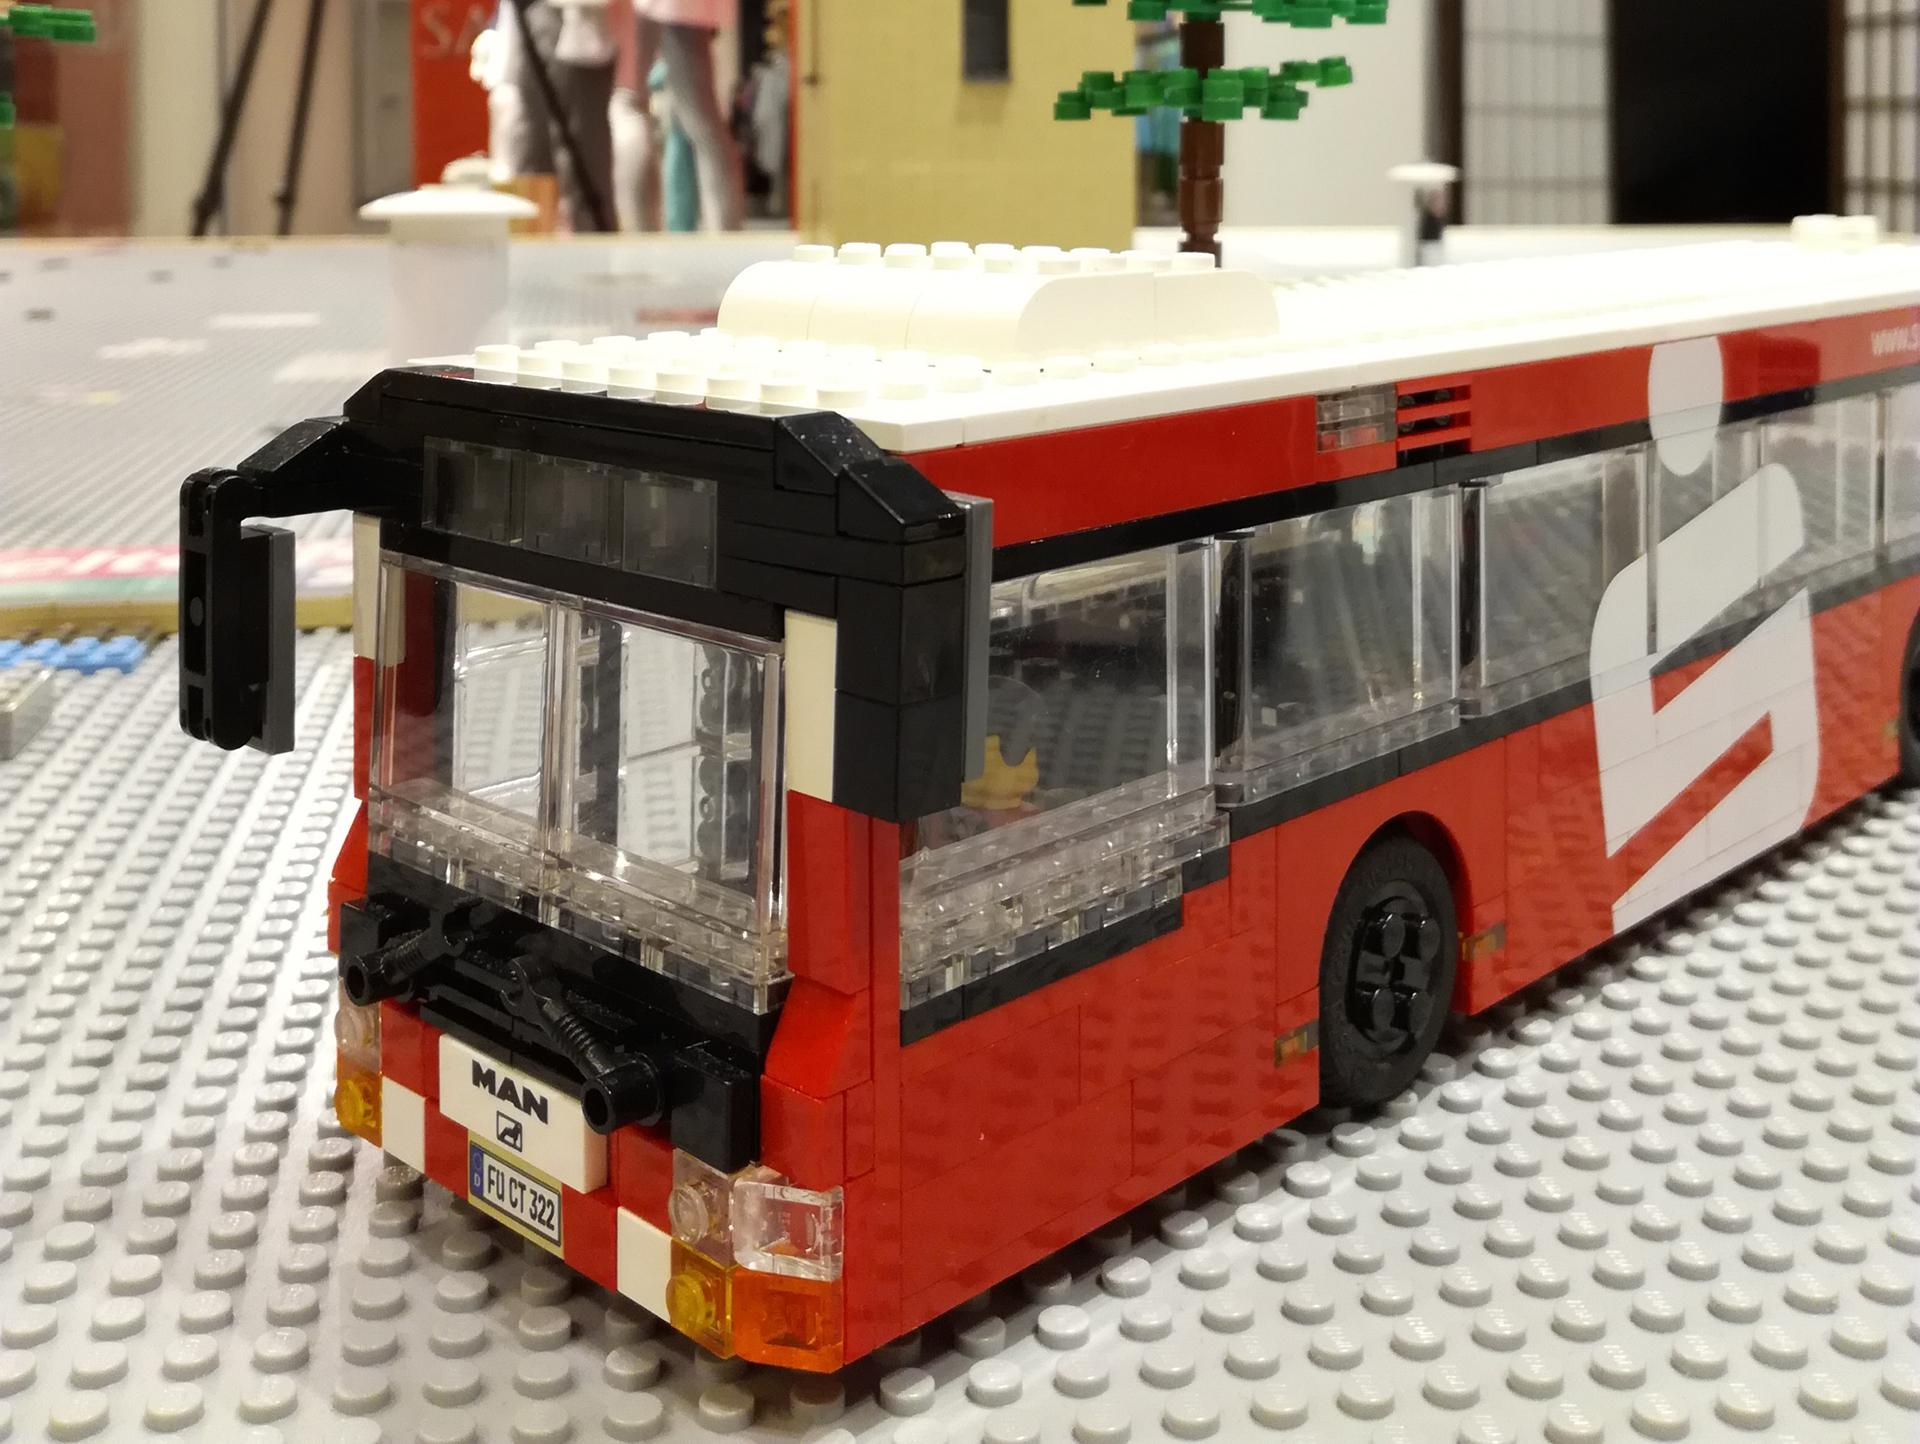 Verkauf von Lego®-Steinen - 15.000 € für das Jüdische Museum Franken